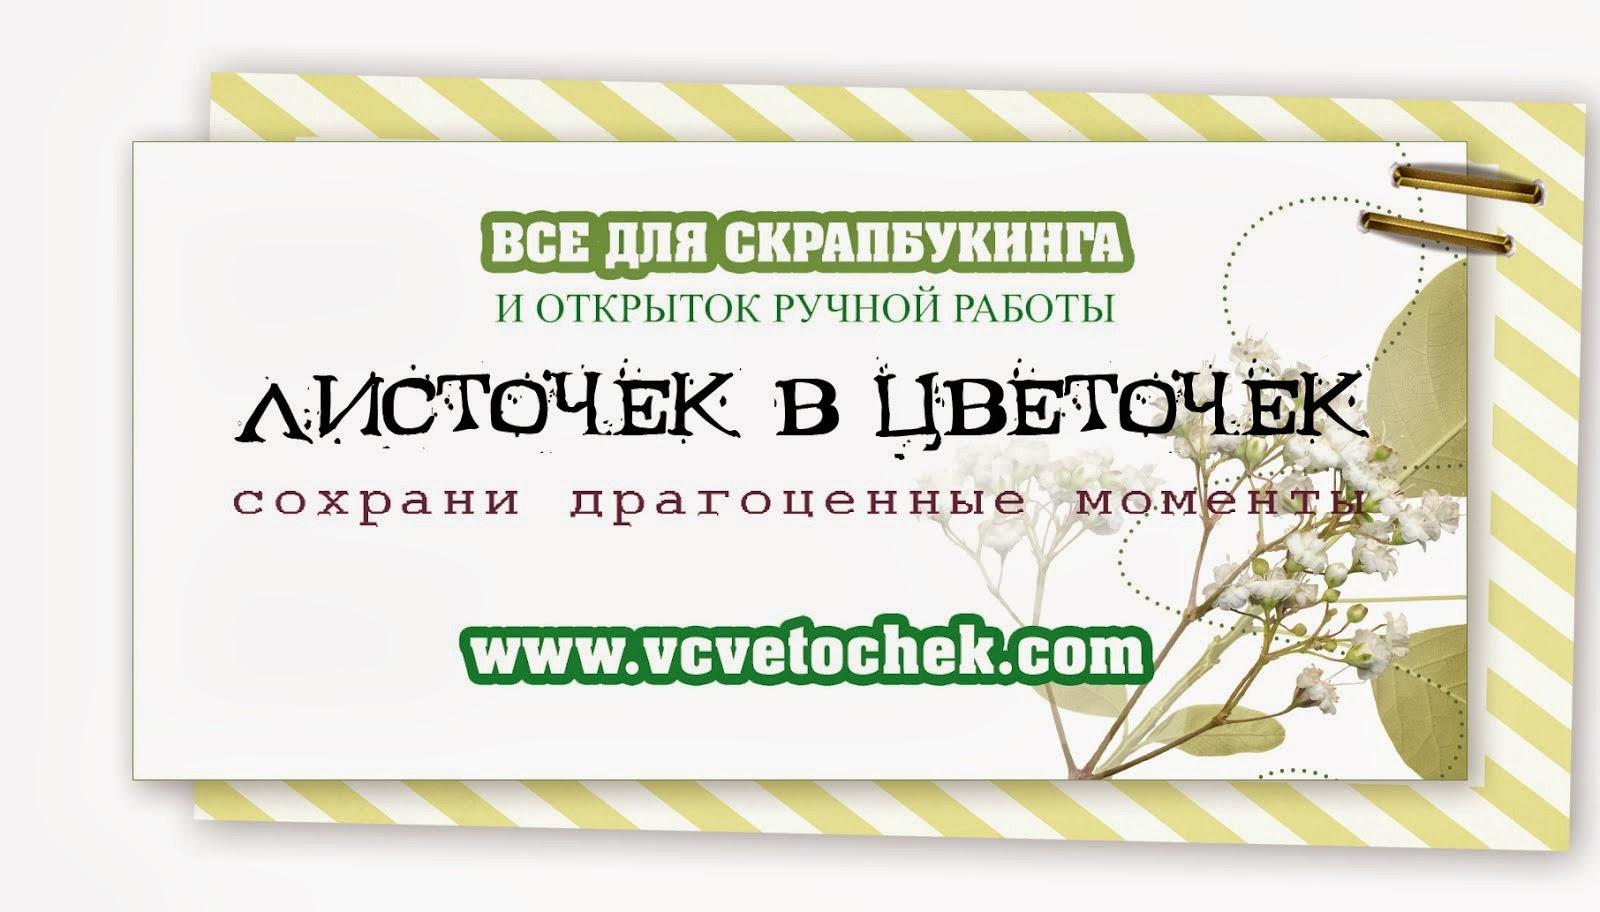 Магазин Листочек в цветочек